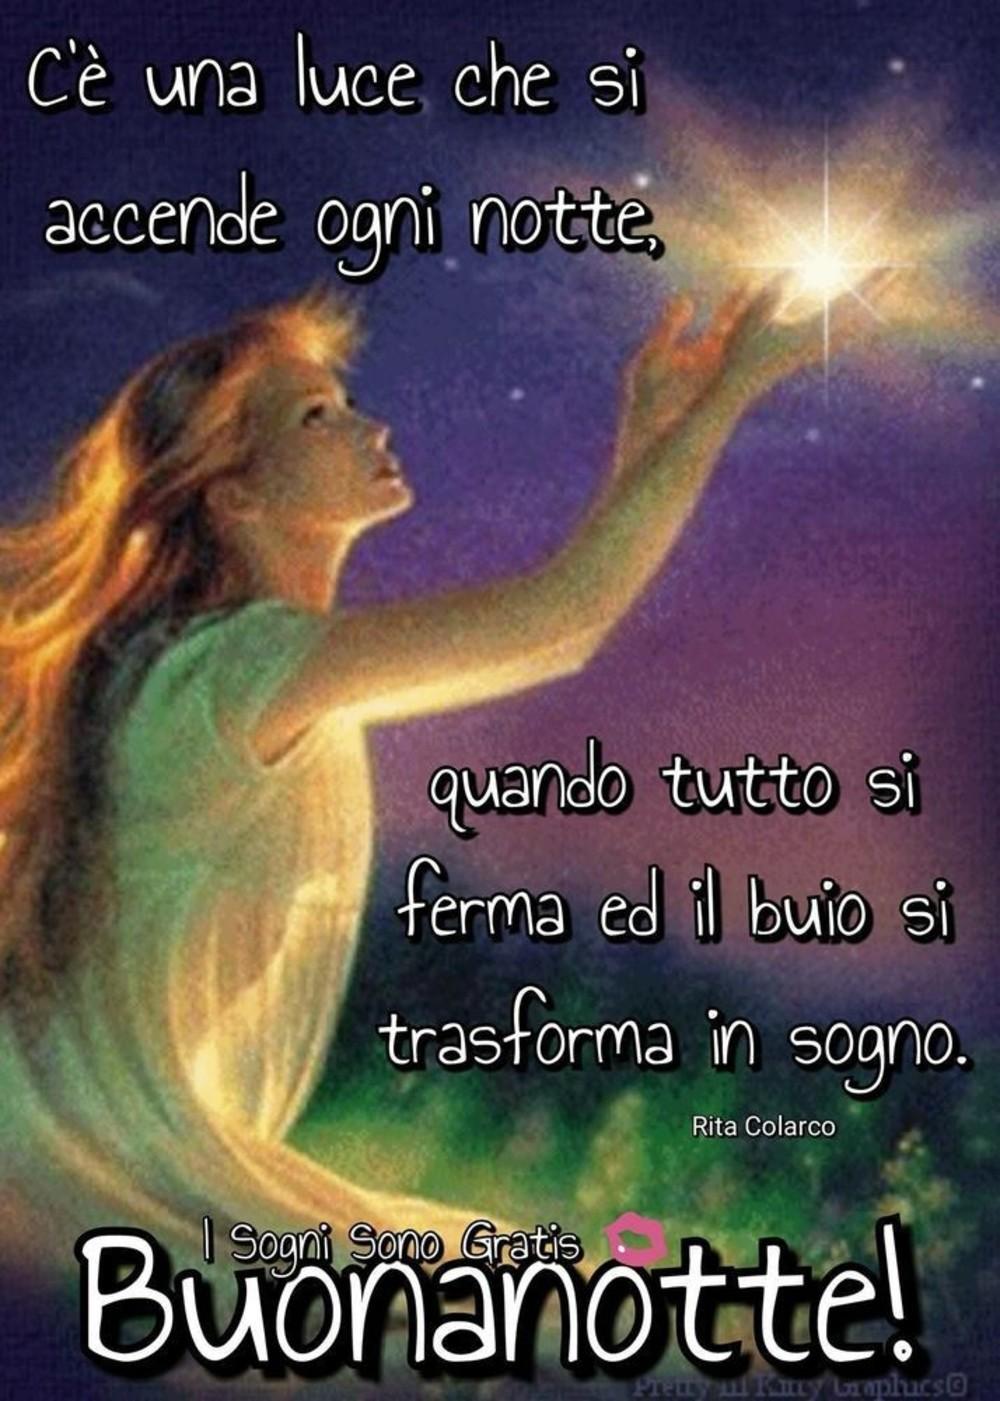 Buonanotte Immagini Belle E Nuove 15 Buongiornocolsorriso It